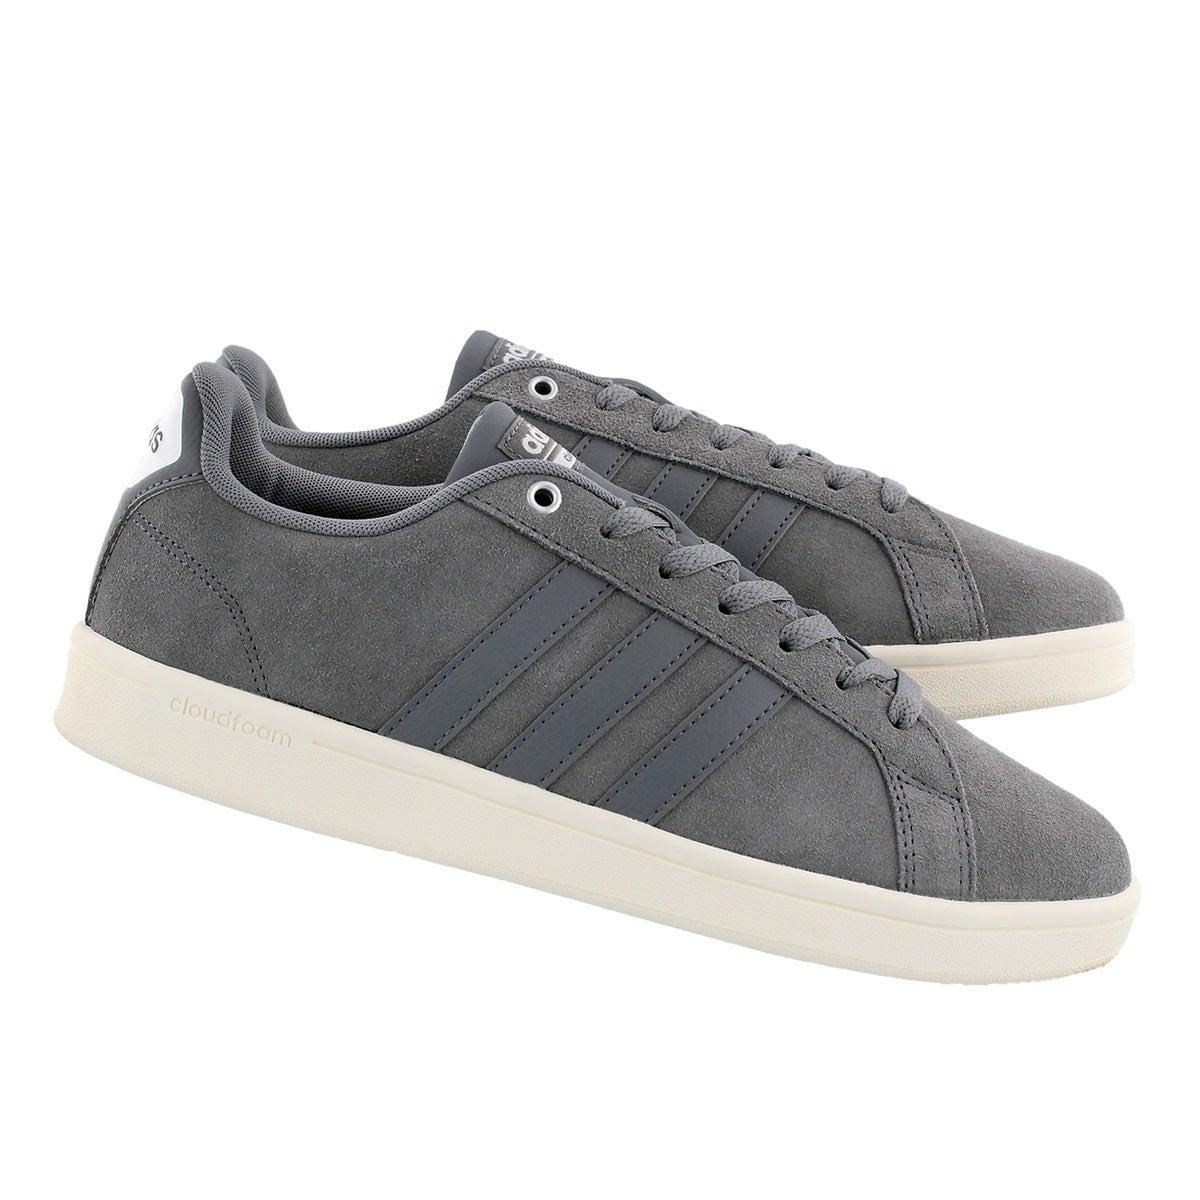 Mns Cloudfoam Advantage grey sneaker